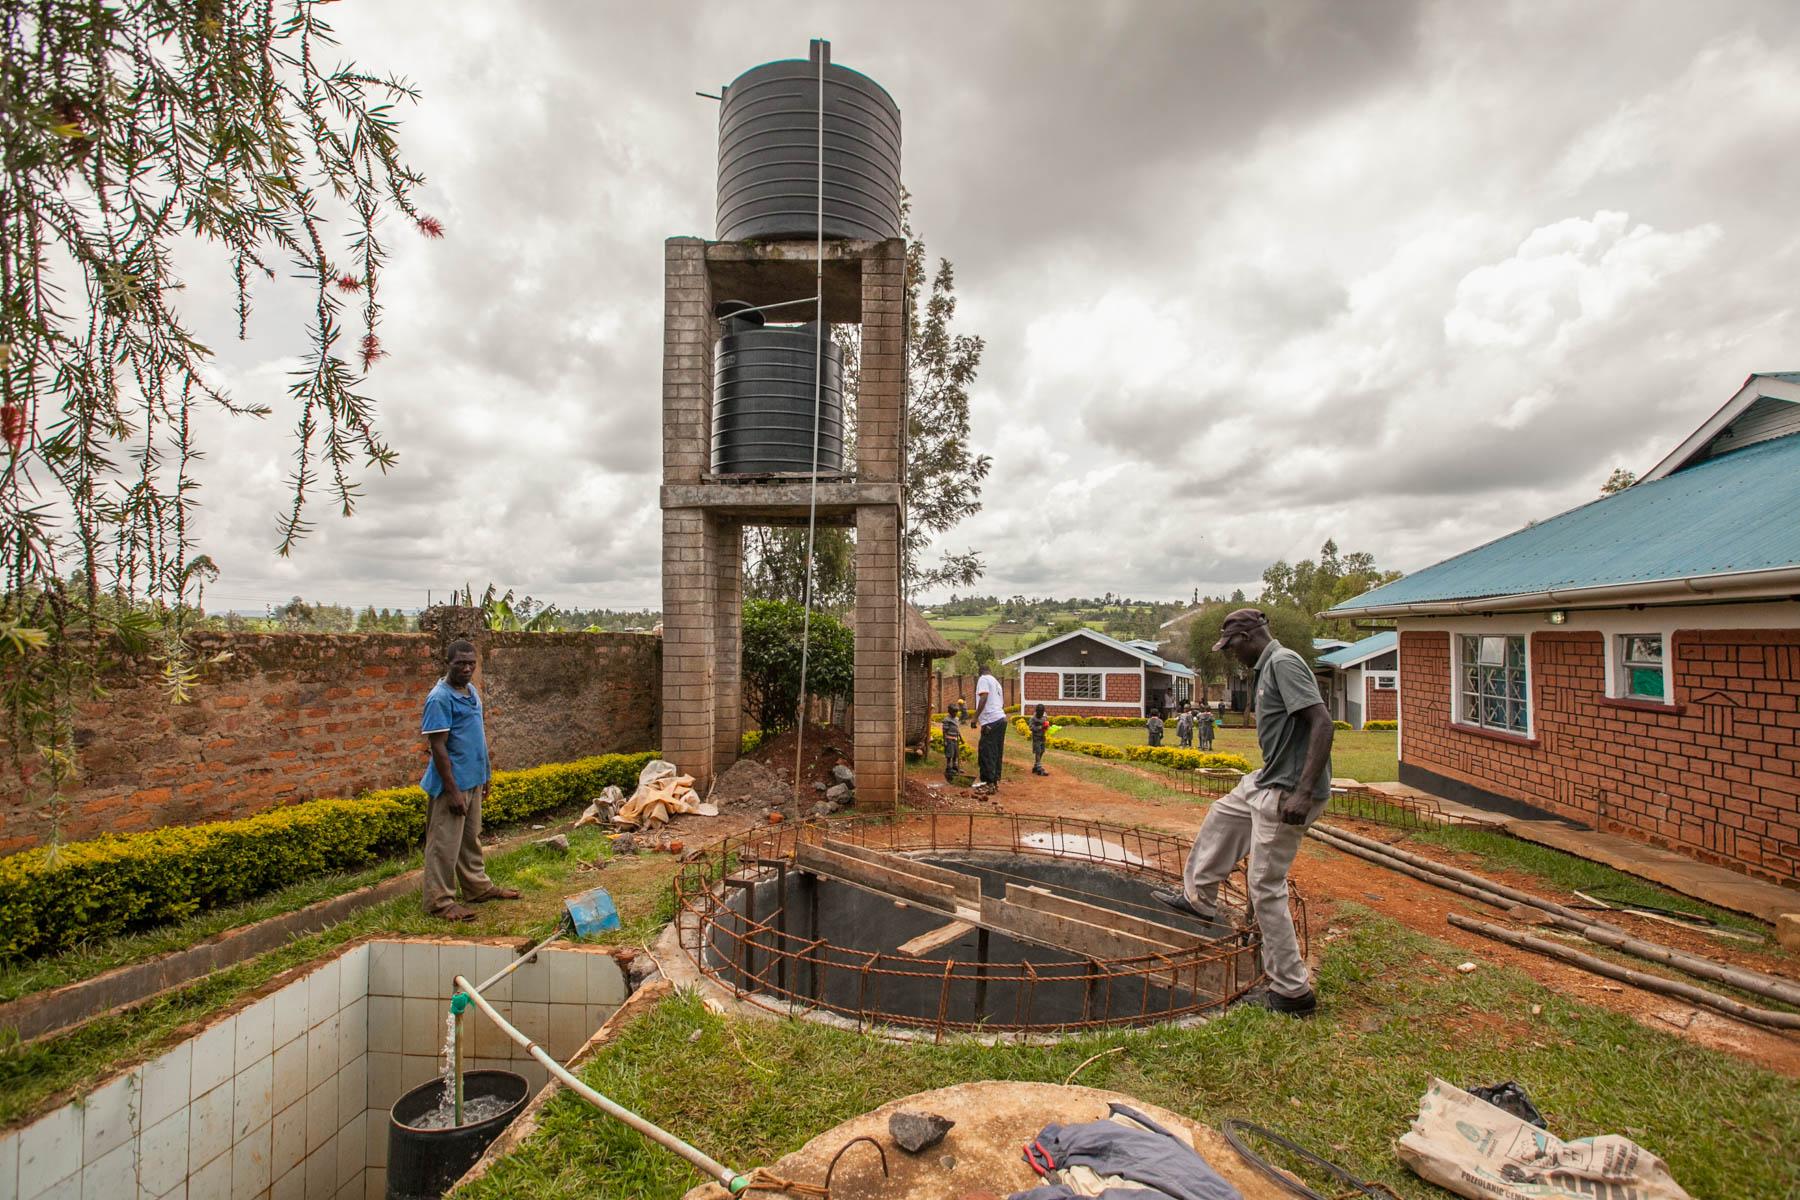 Full Size of Wassertank Garten Baufortschritt In Kenia Der Neue Nyota Wasserspeicher Loungemöbel Holz Feuerstelle Kinderschaukel Spielgeräte Kinderhaus Fussballtor Garten Wassertank Garten